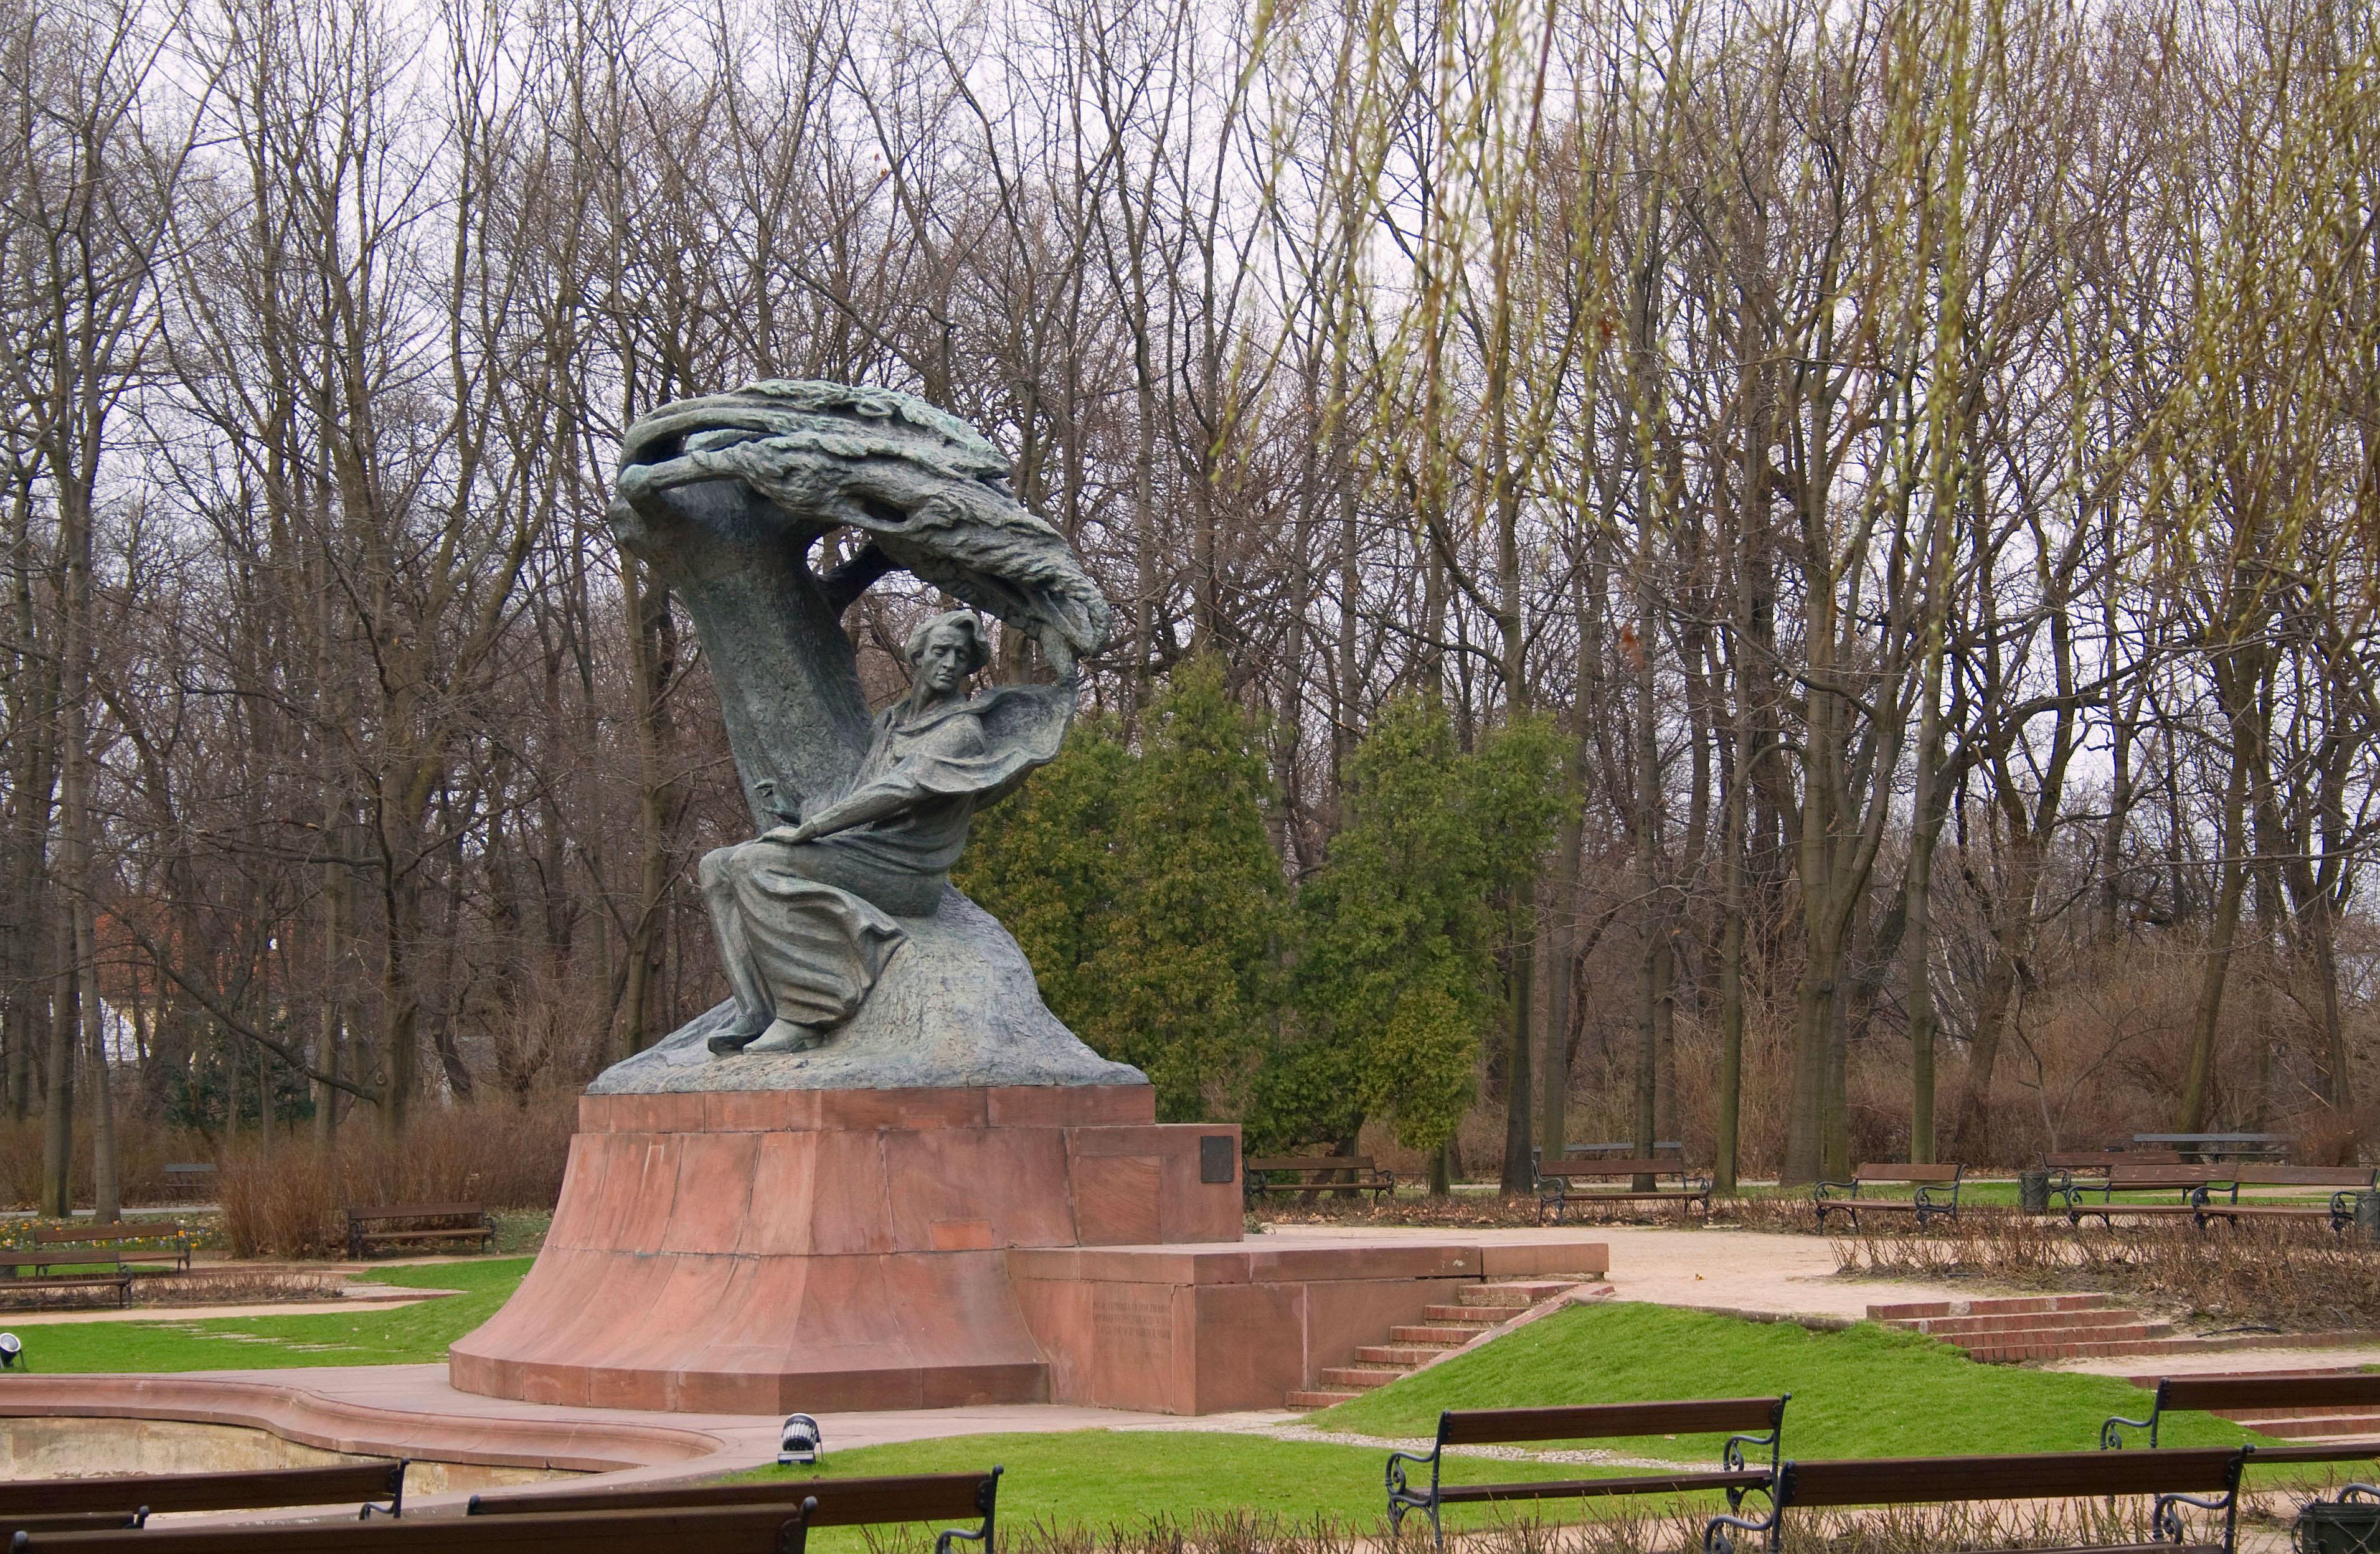 Monumento a Fryderyk Chopin, parque Łazienki, Varsovia, Polonia